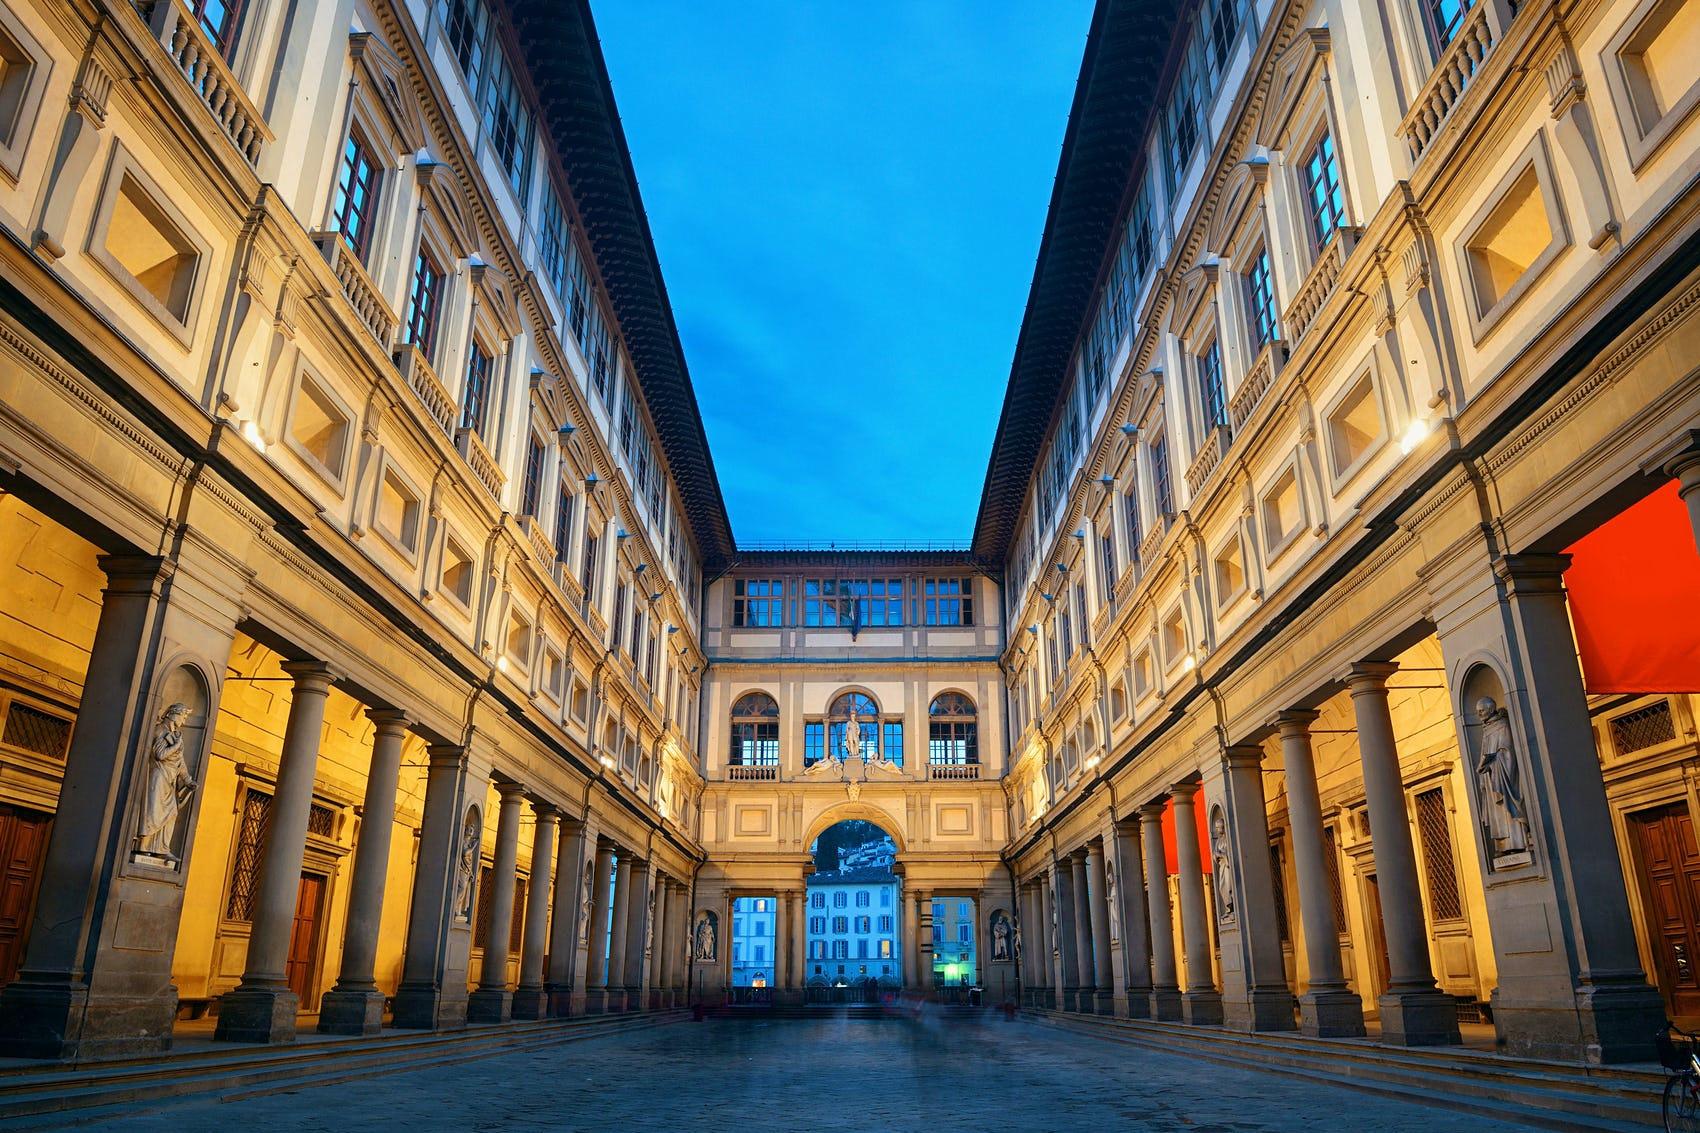 De galerij van Uffizi, Songquan Deng/Shutterstock